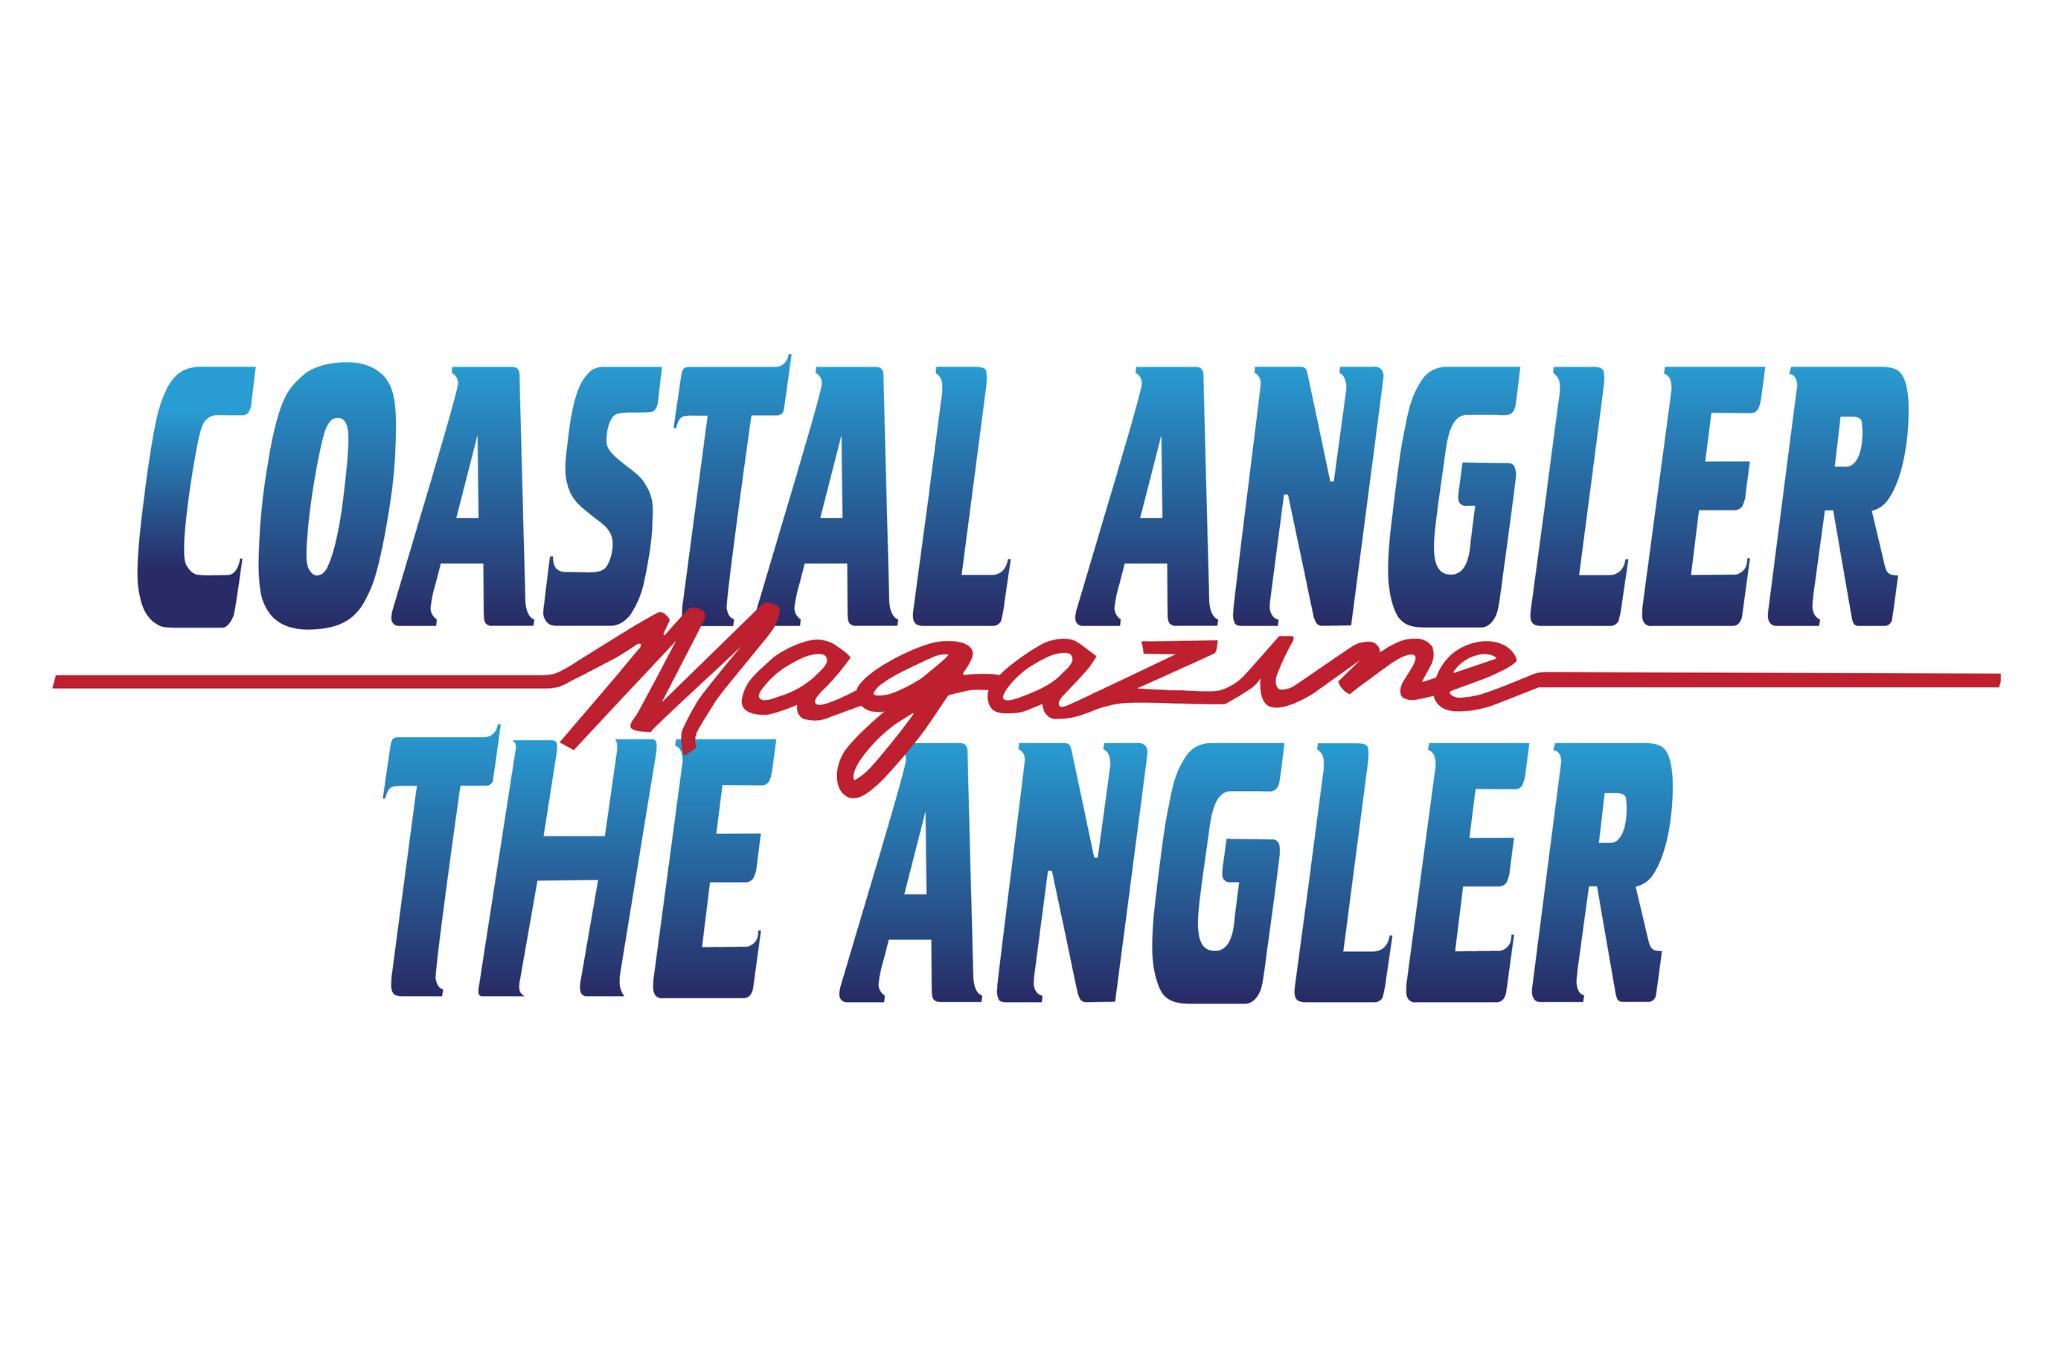 coastal angler